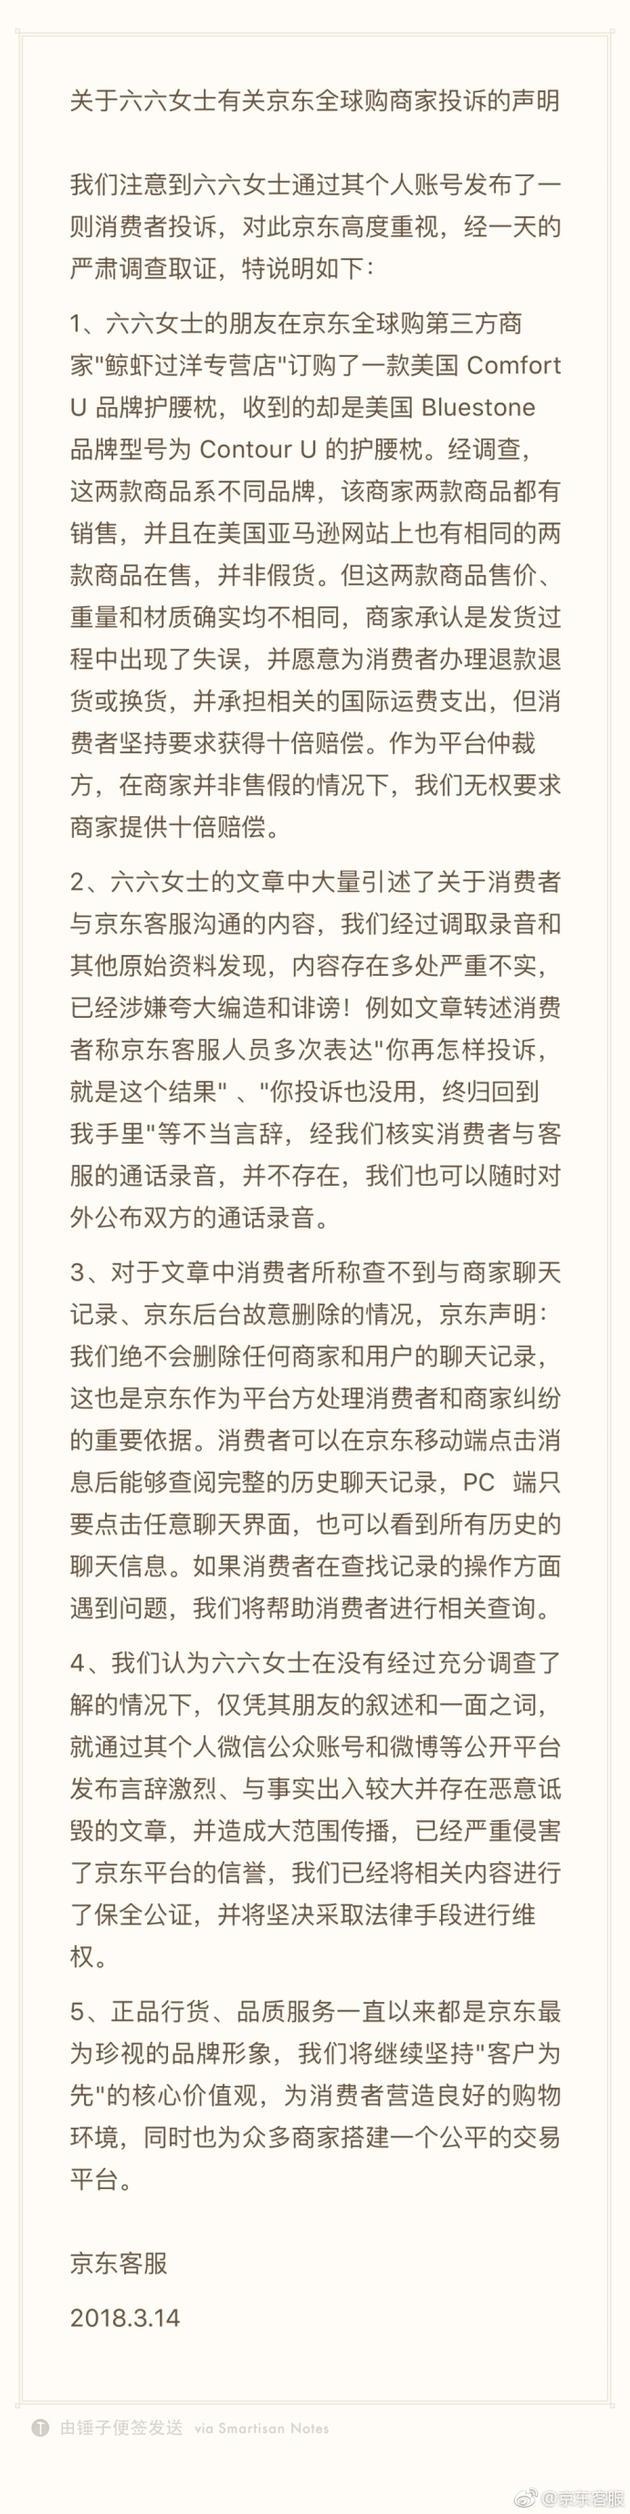 科技早闻:京东回应六六的京东全球购指控,霍金去世